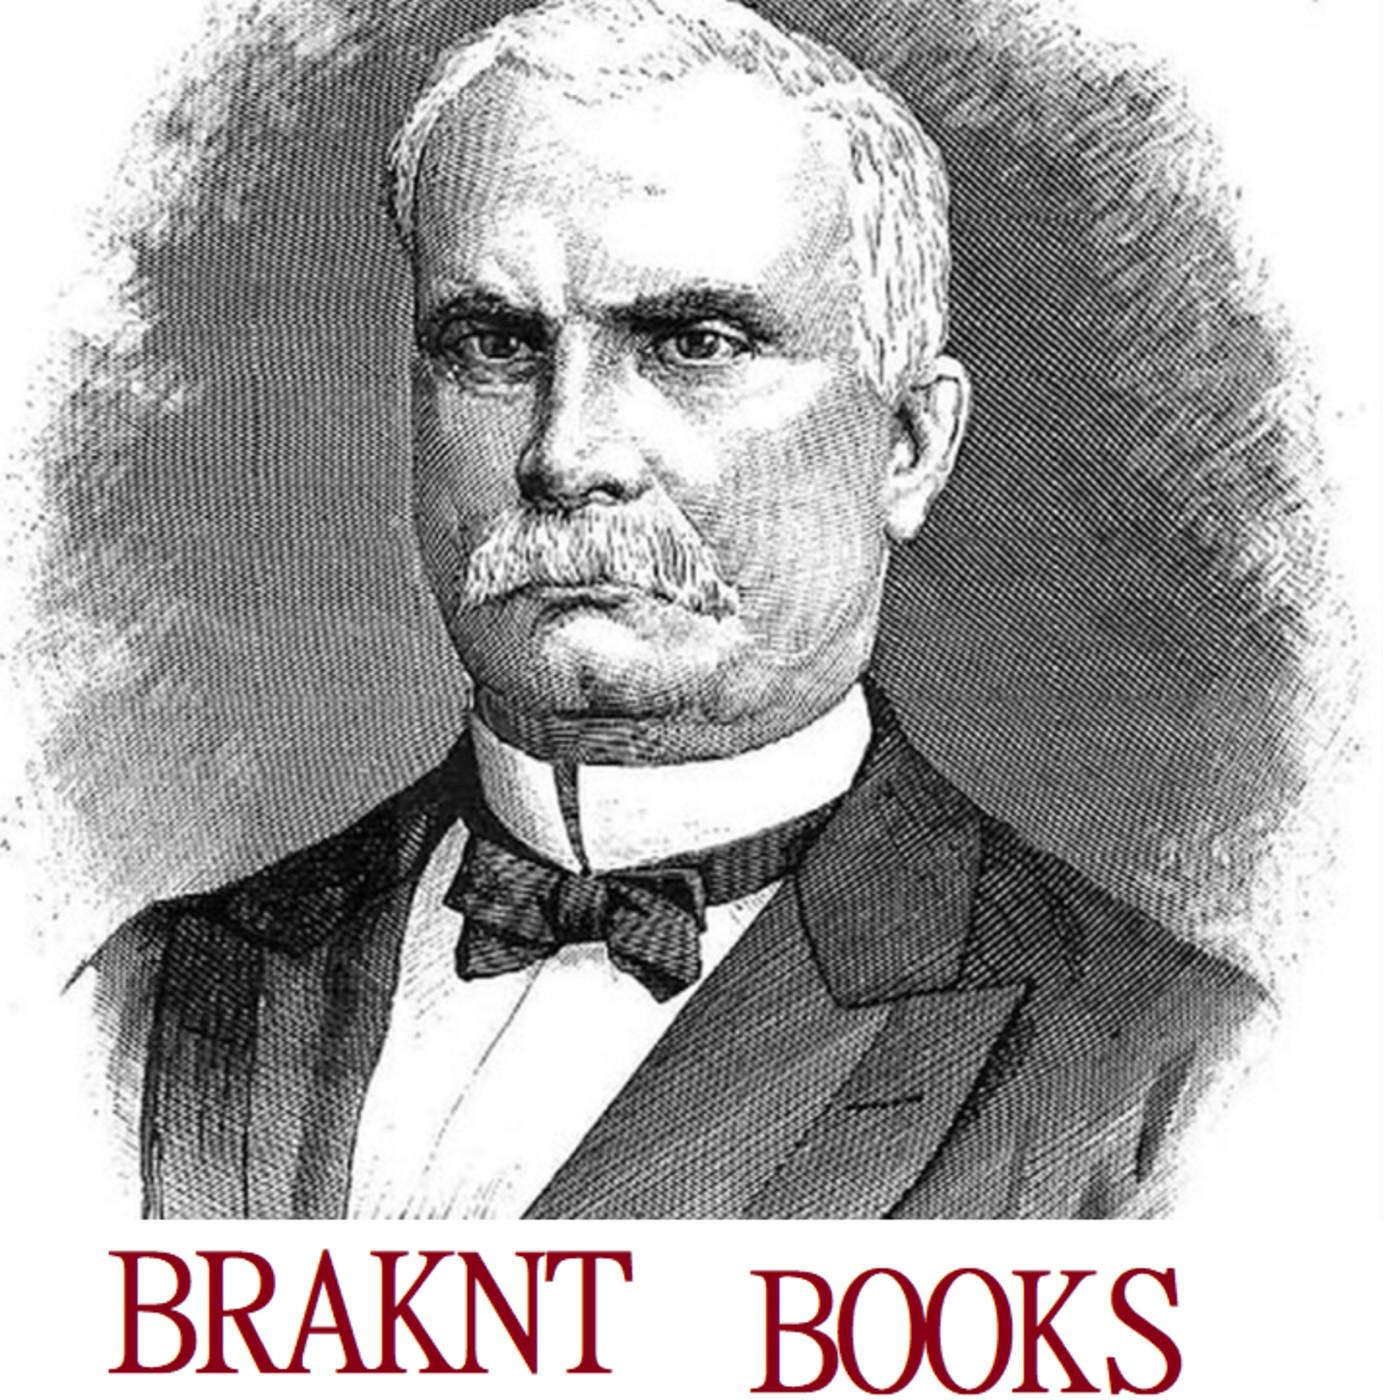 Braknt Books